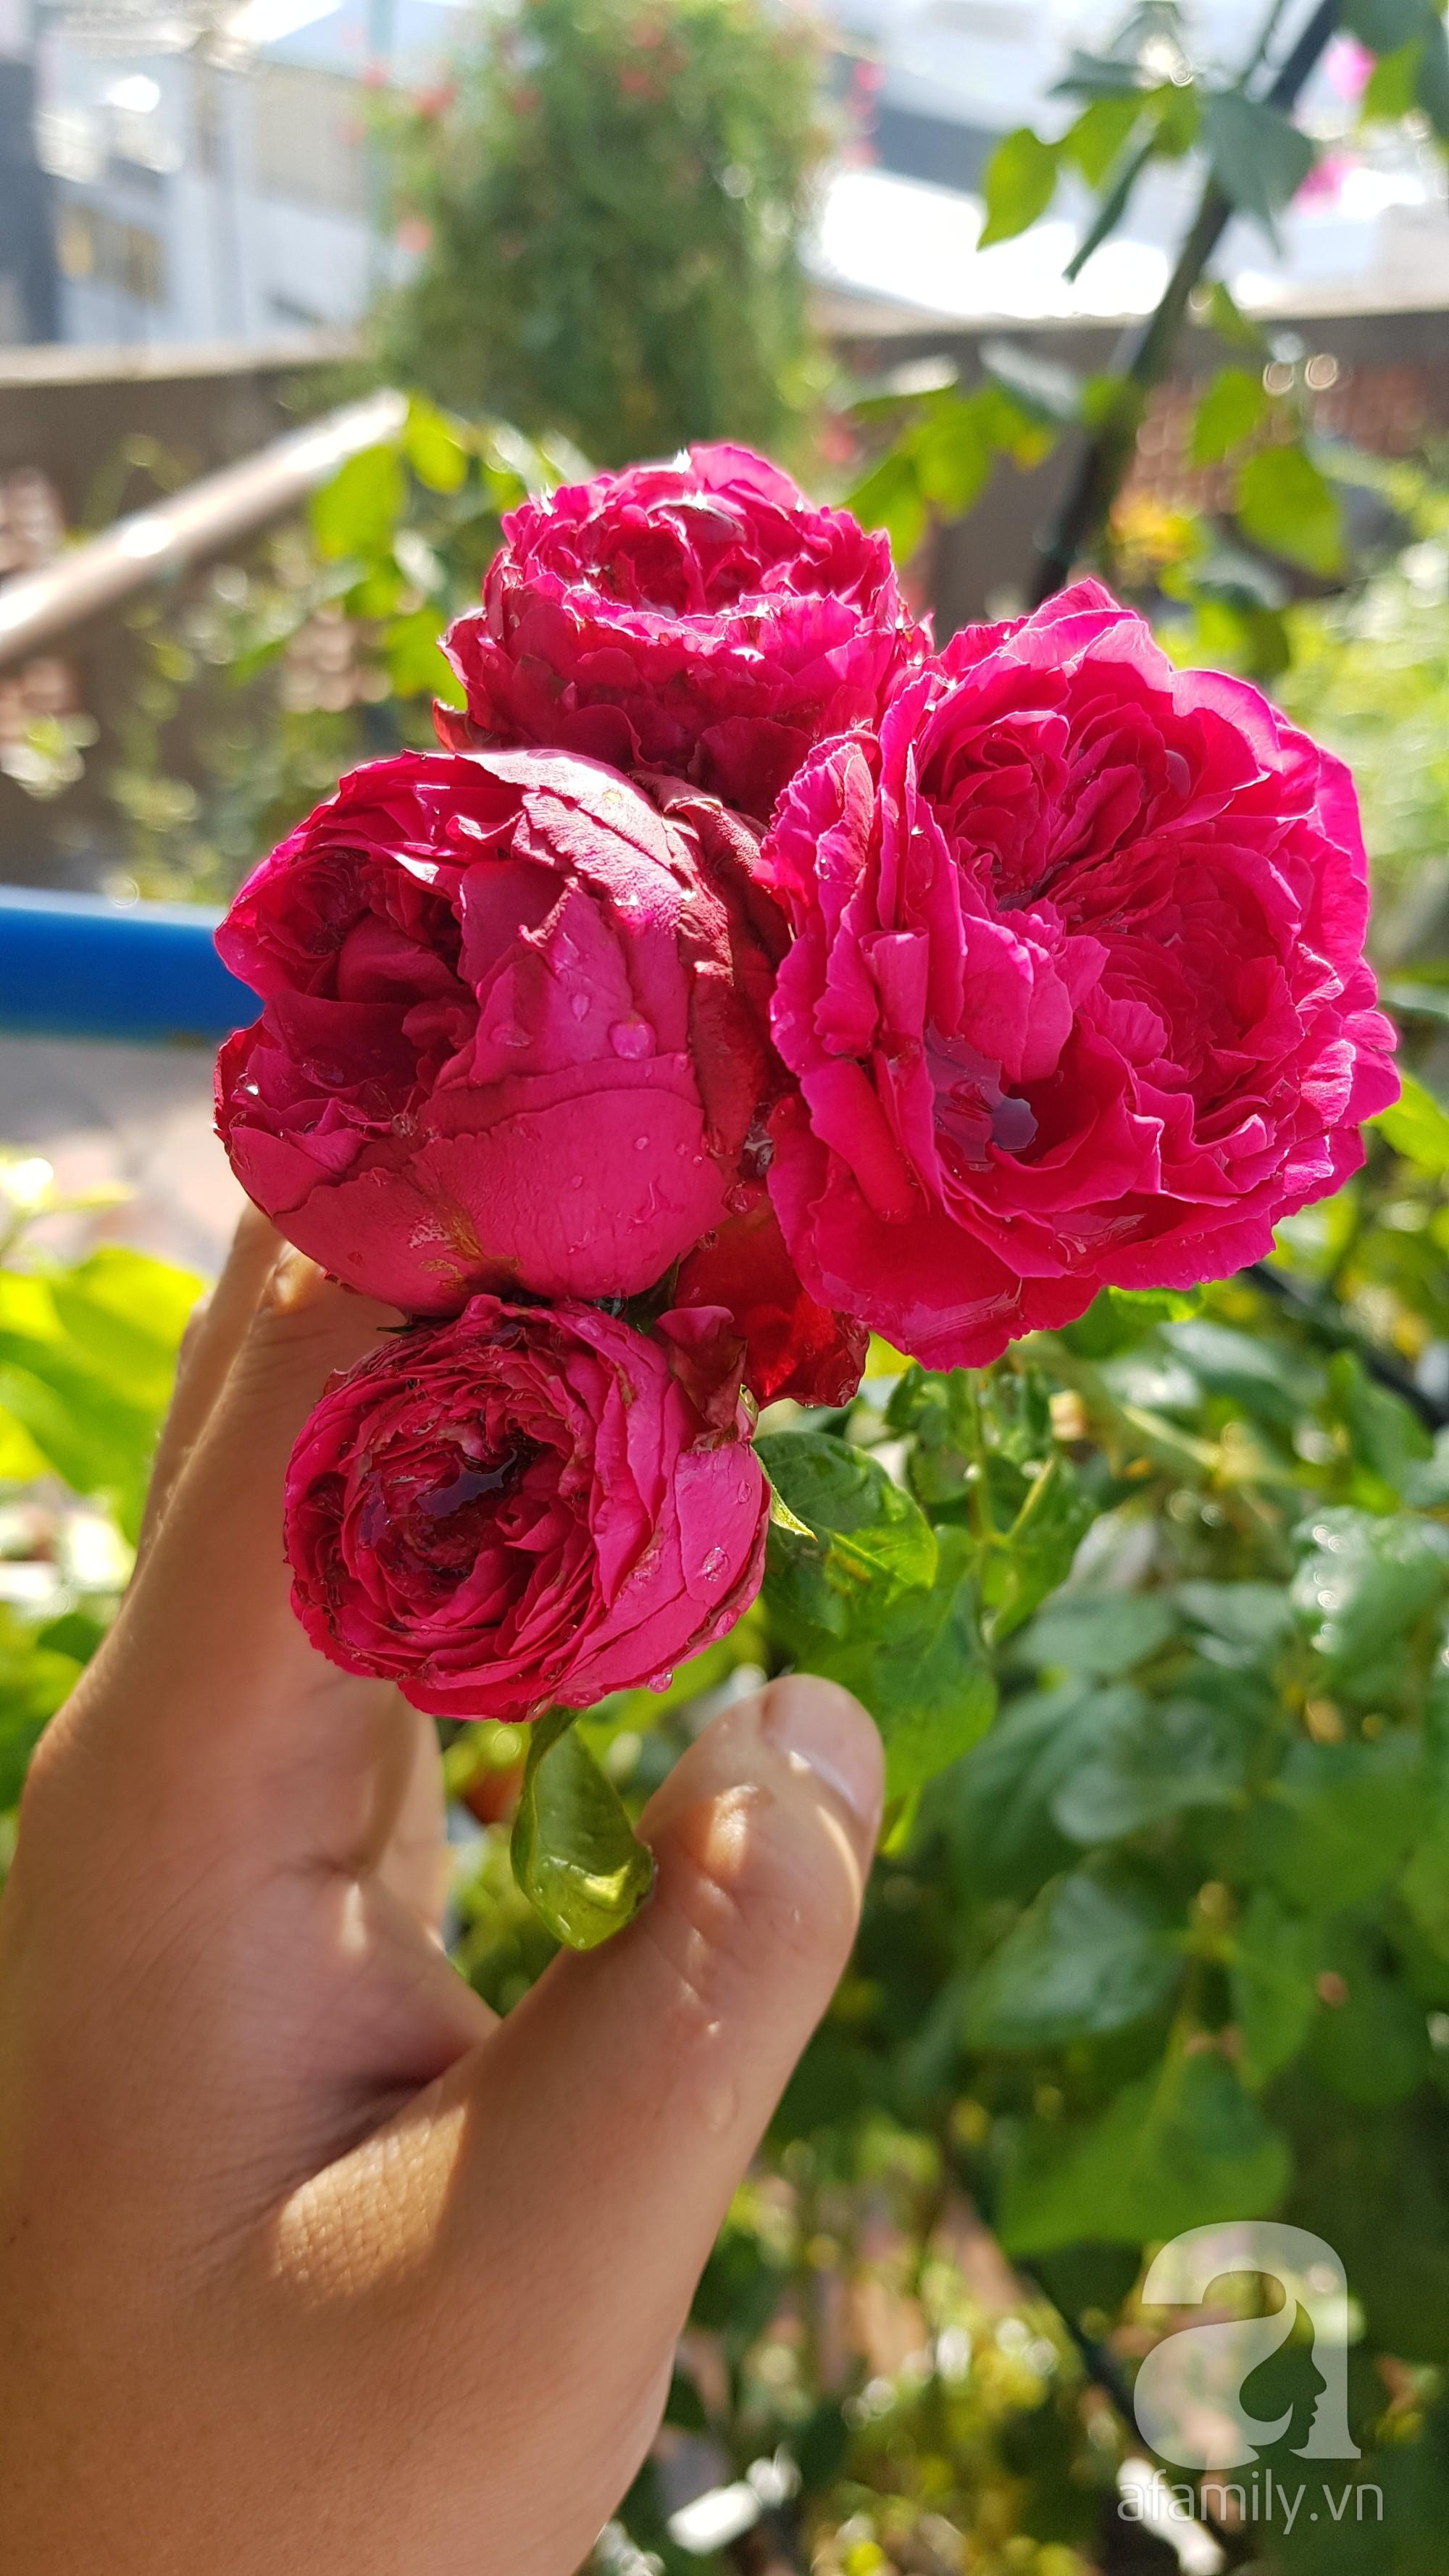 Vườn hồng trên sân thượng rực rỡ sắc màu của chàng trai 8x siêu đảm ở Sài Gòn - Ảnh 8.